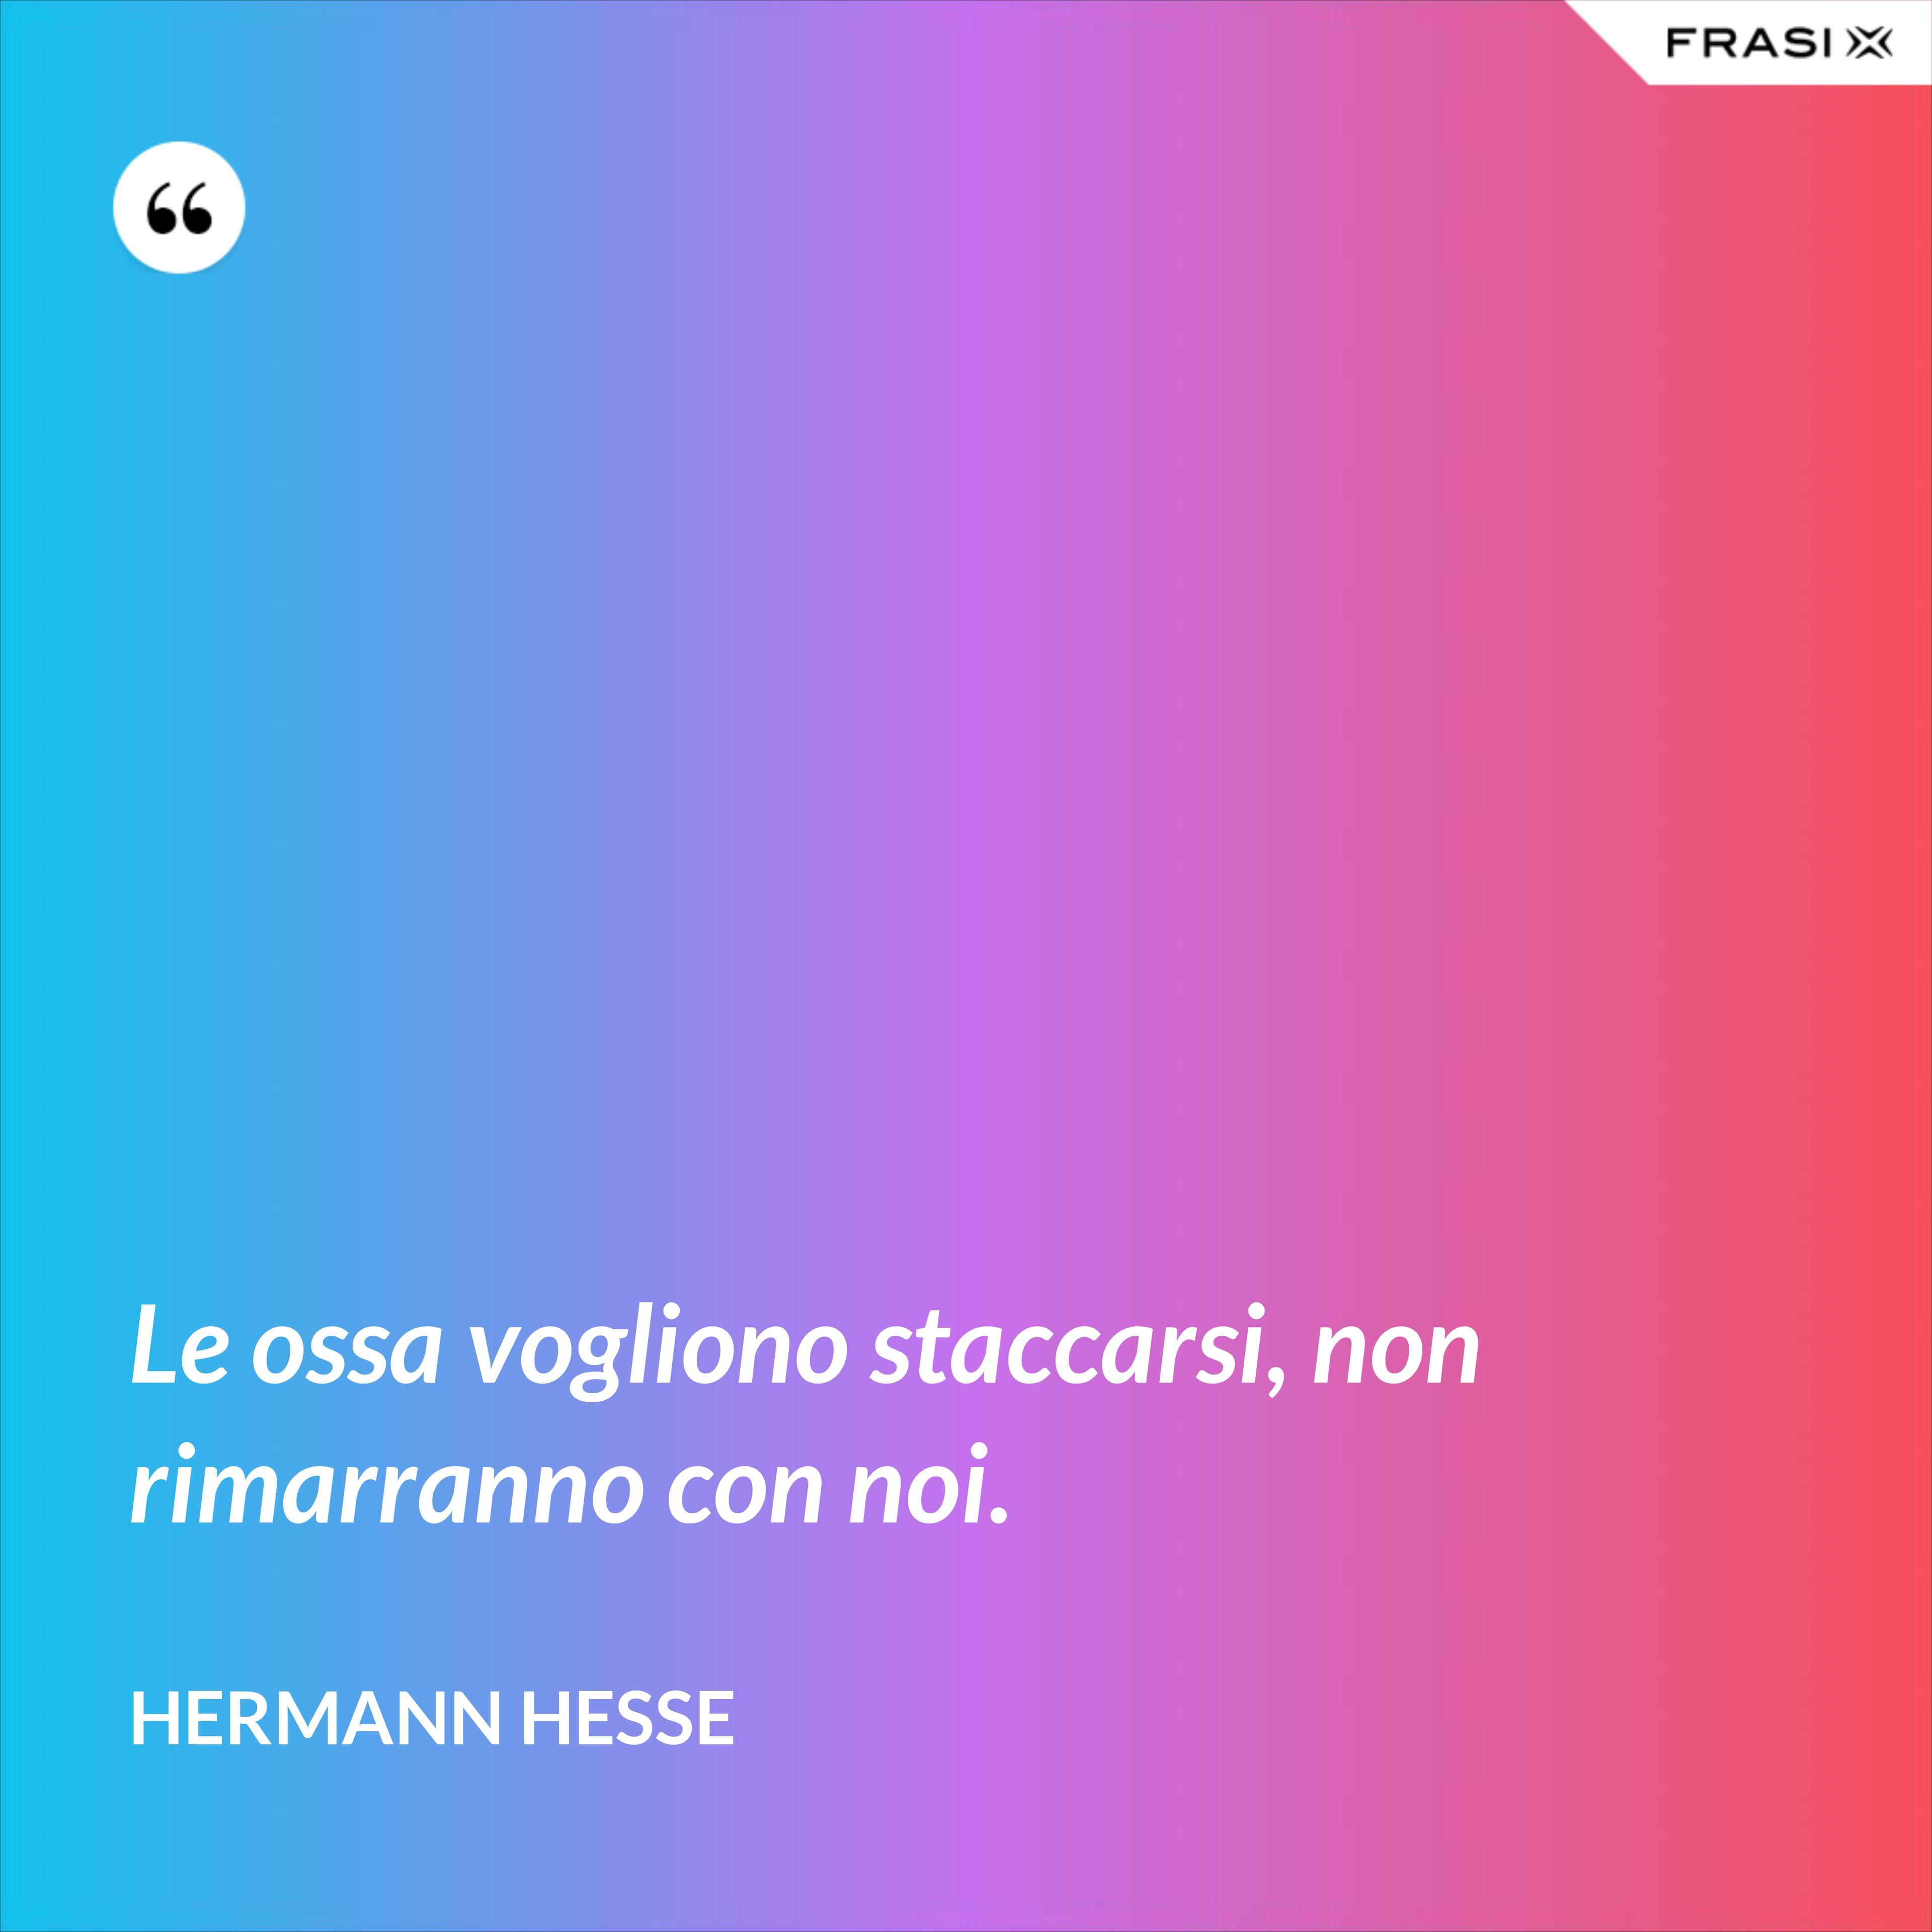 Le ossa vogliono staccarsi, non rimarranno con noi. - Hermann Hesse